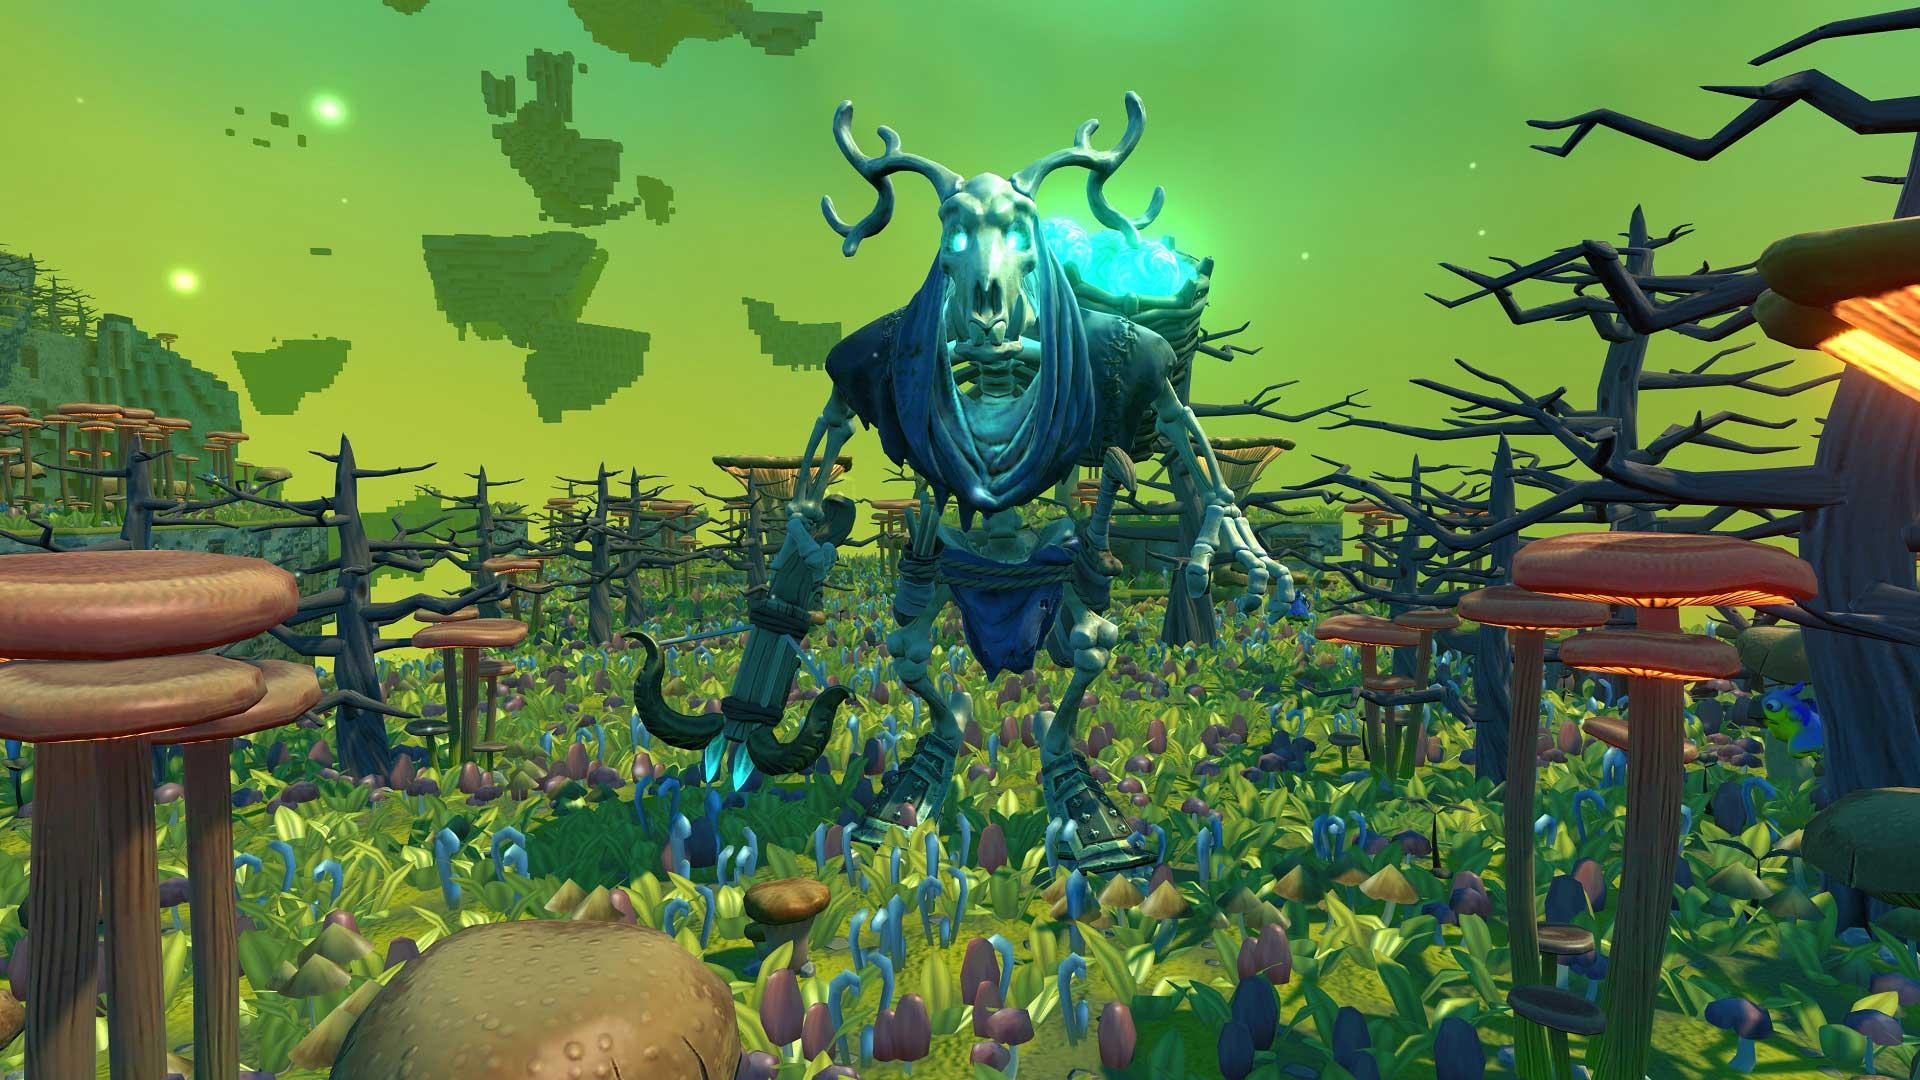 Portal Knights Legendary Edition boss